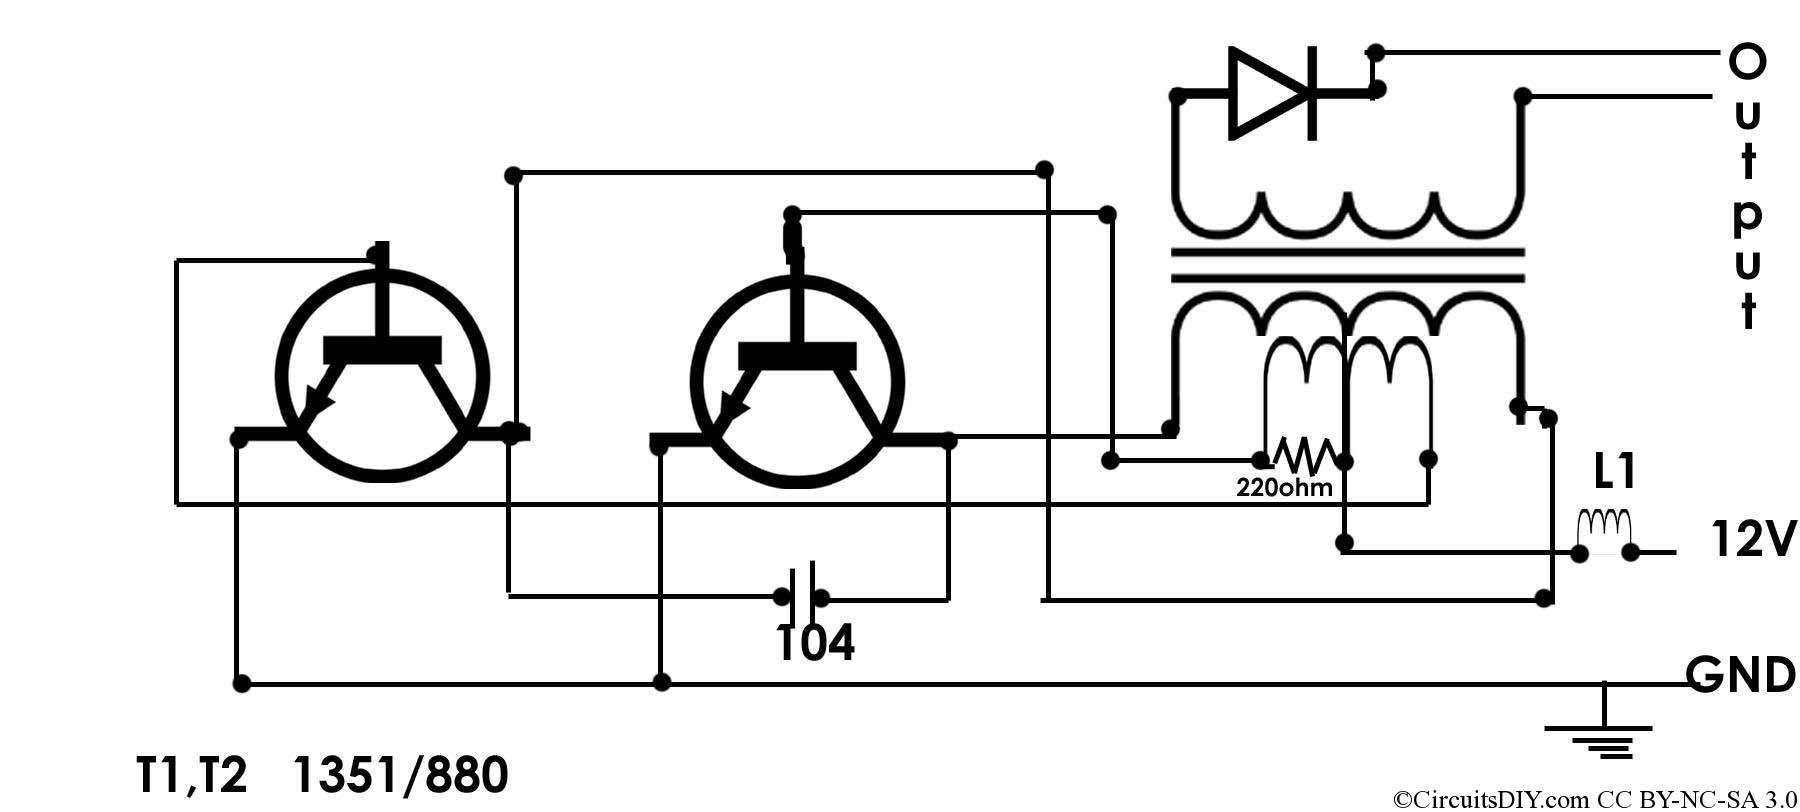 Cfl Circuits Diagram